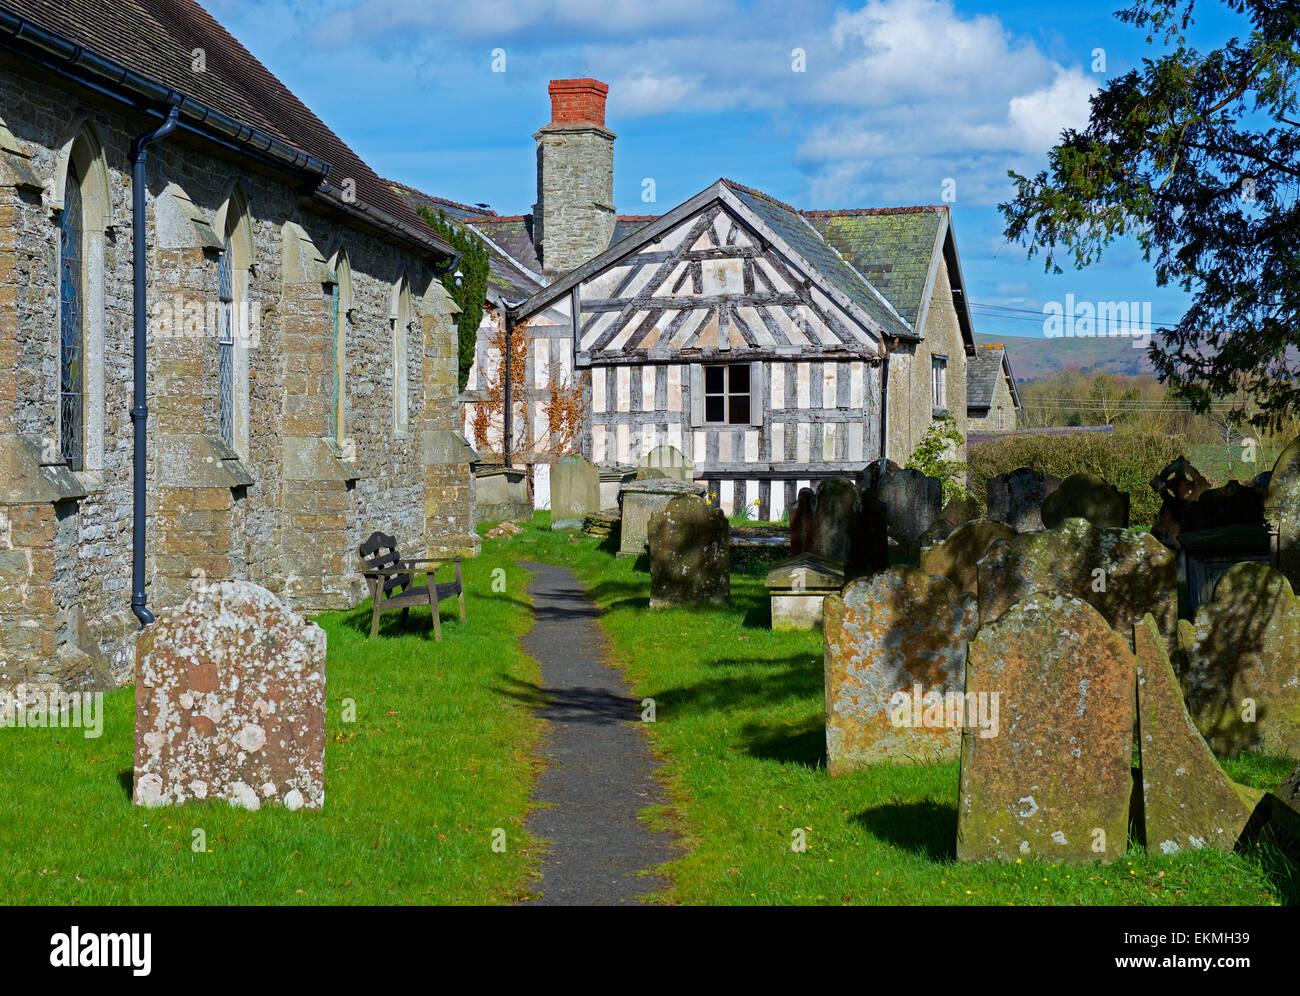 Église et maison à colombages dans le village de plus, Shropshire, England UK Photo Stock